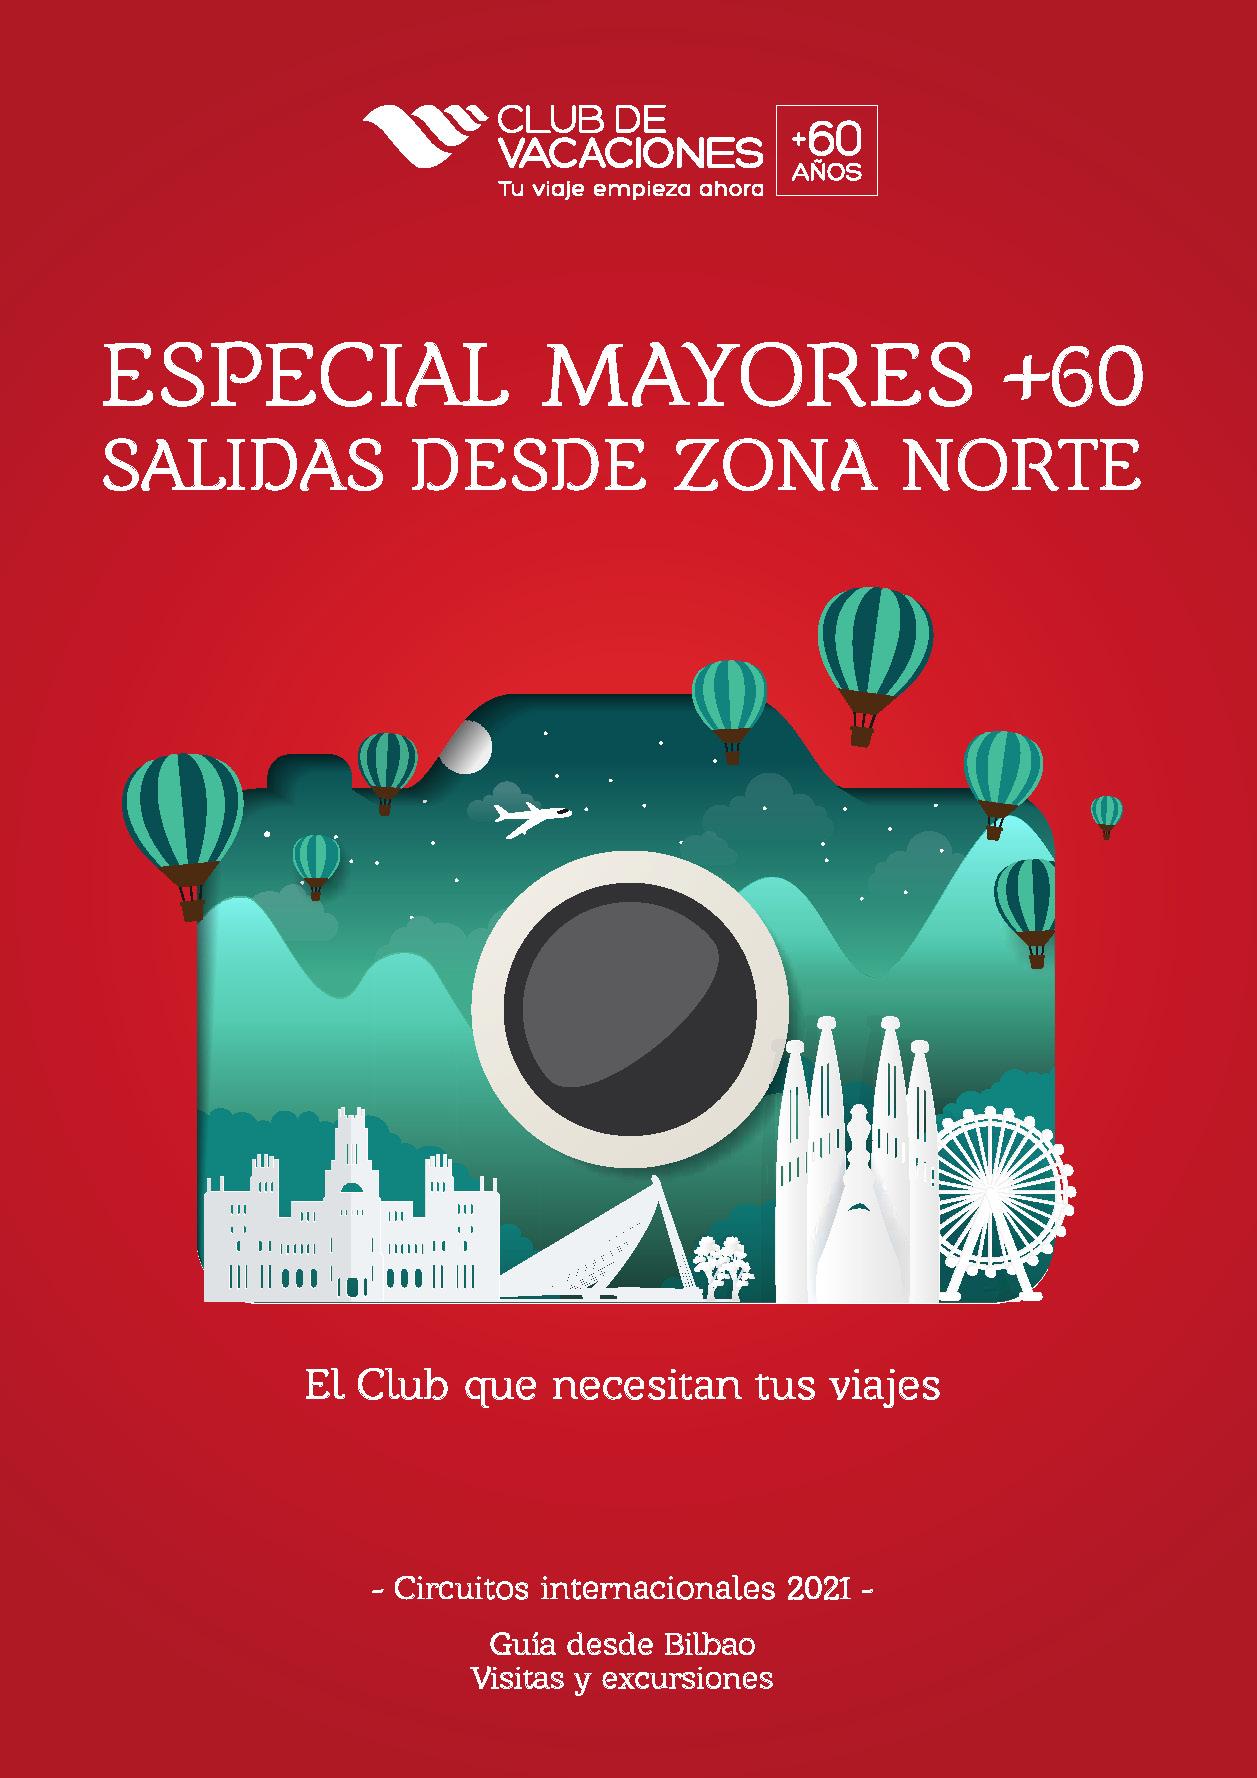 Catalogo Club de Vacaciones Especial Mayores 60 Circuitos Internacionales salidas desde zona Norte 2021